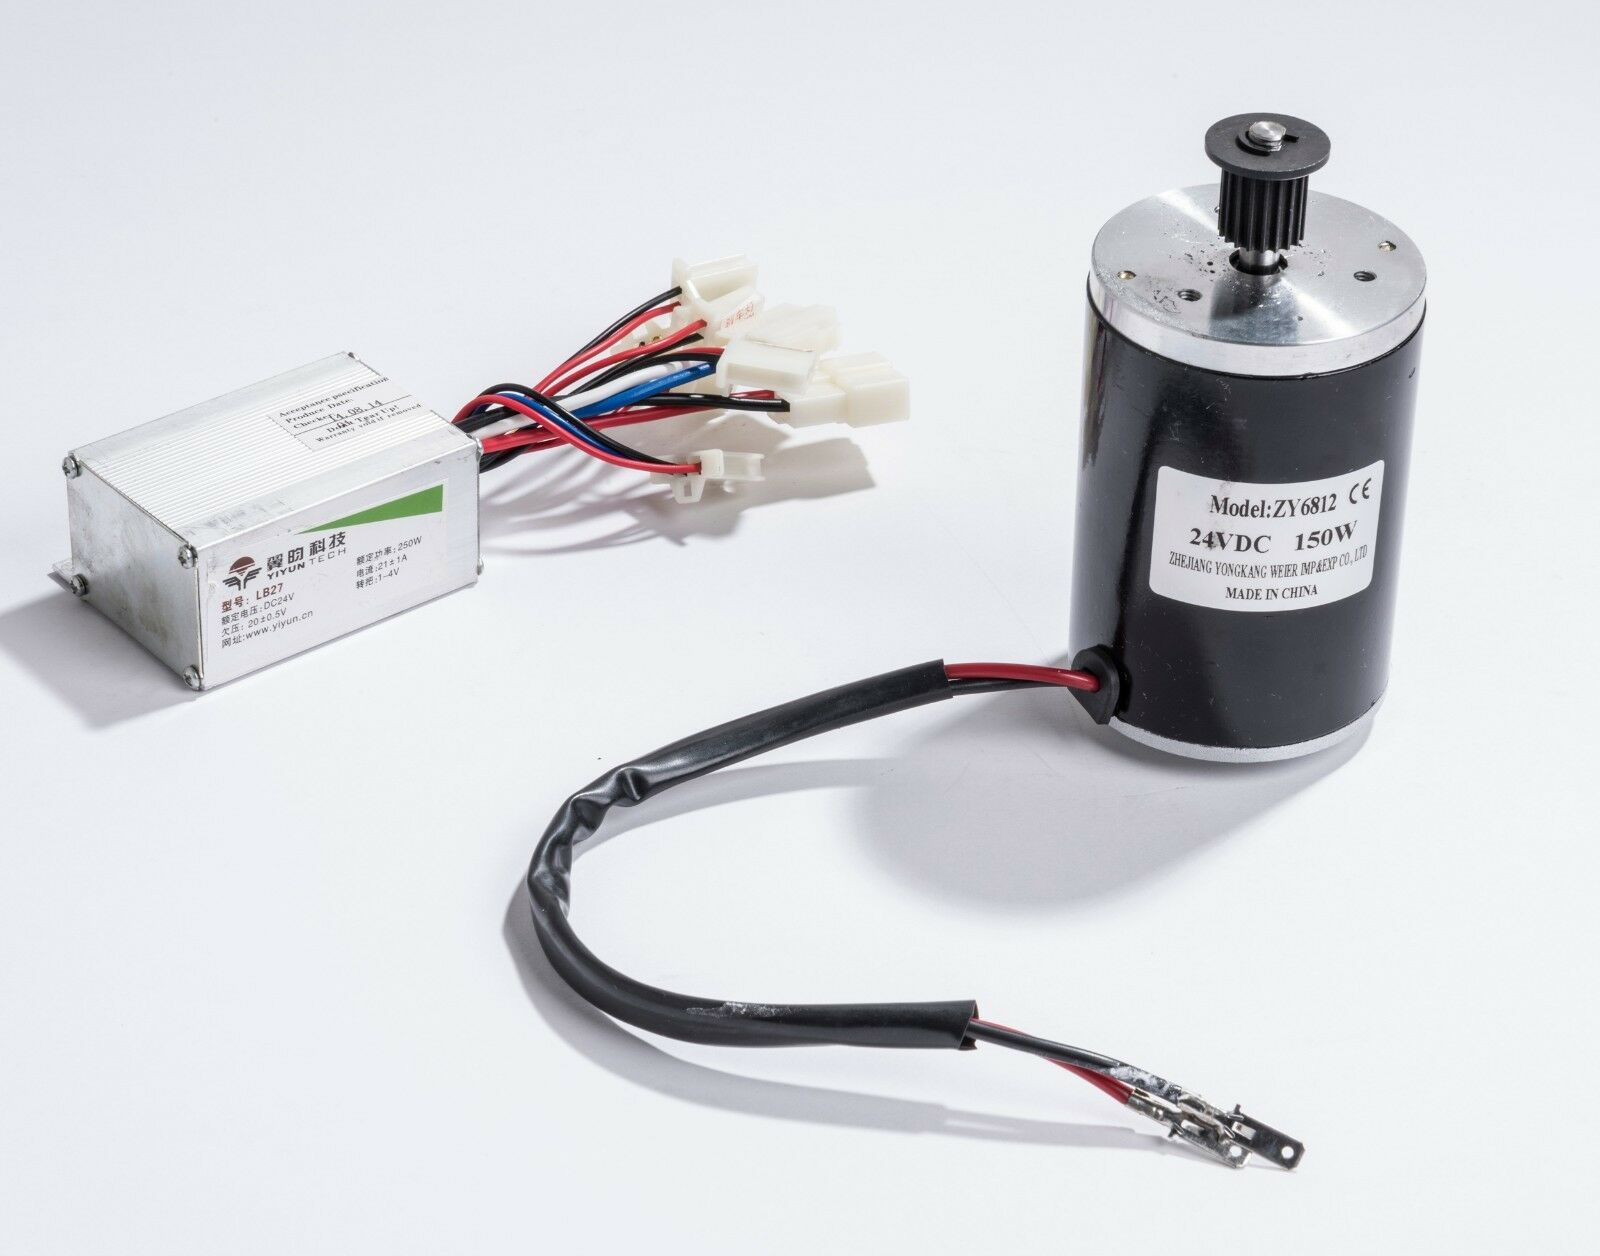 150W 24 V Volt electric brush motor & Yiyun LB27 speed control box kit DIY